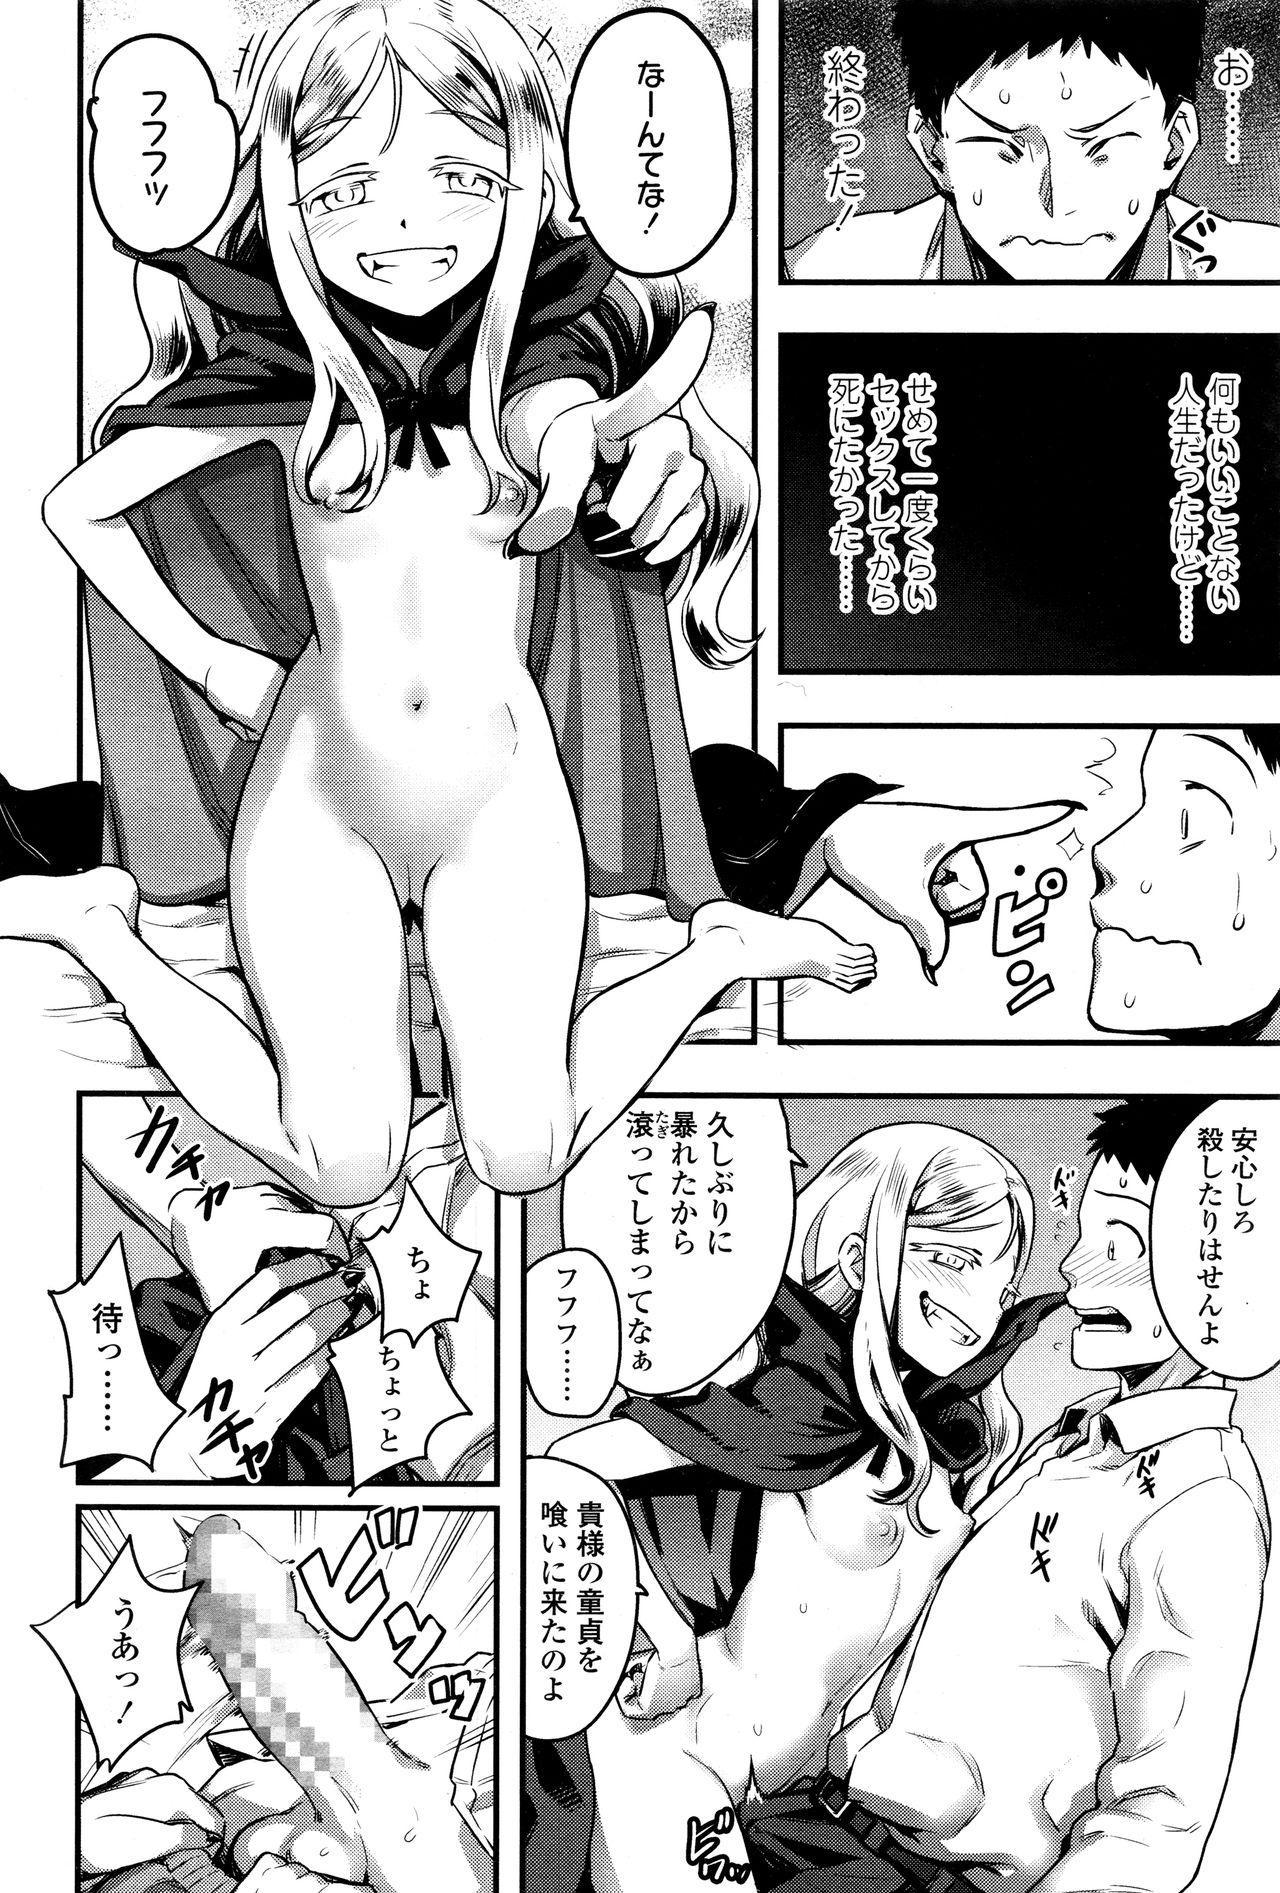 Towako Ichi 15